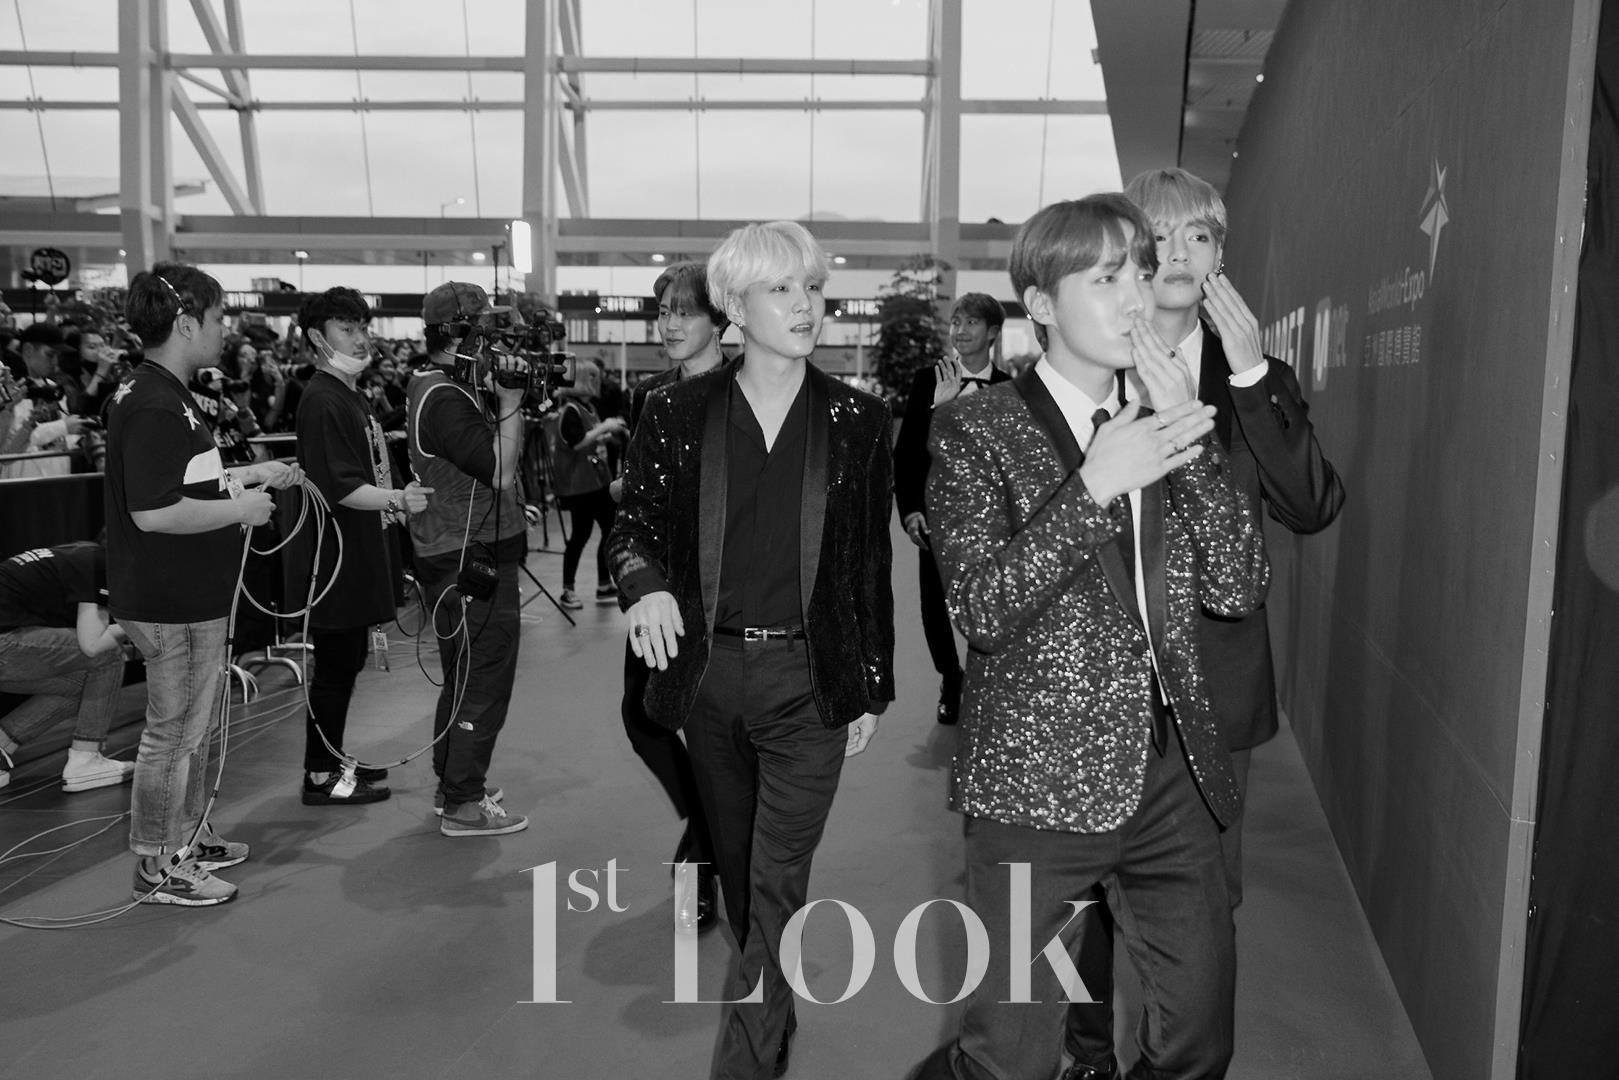 BTS 1stlook - 4